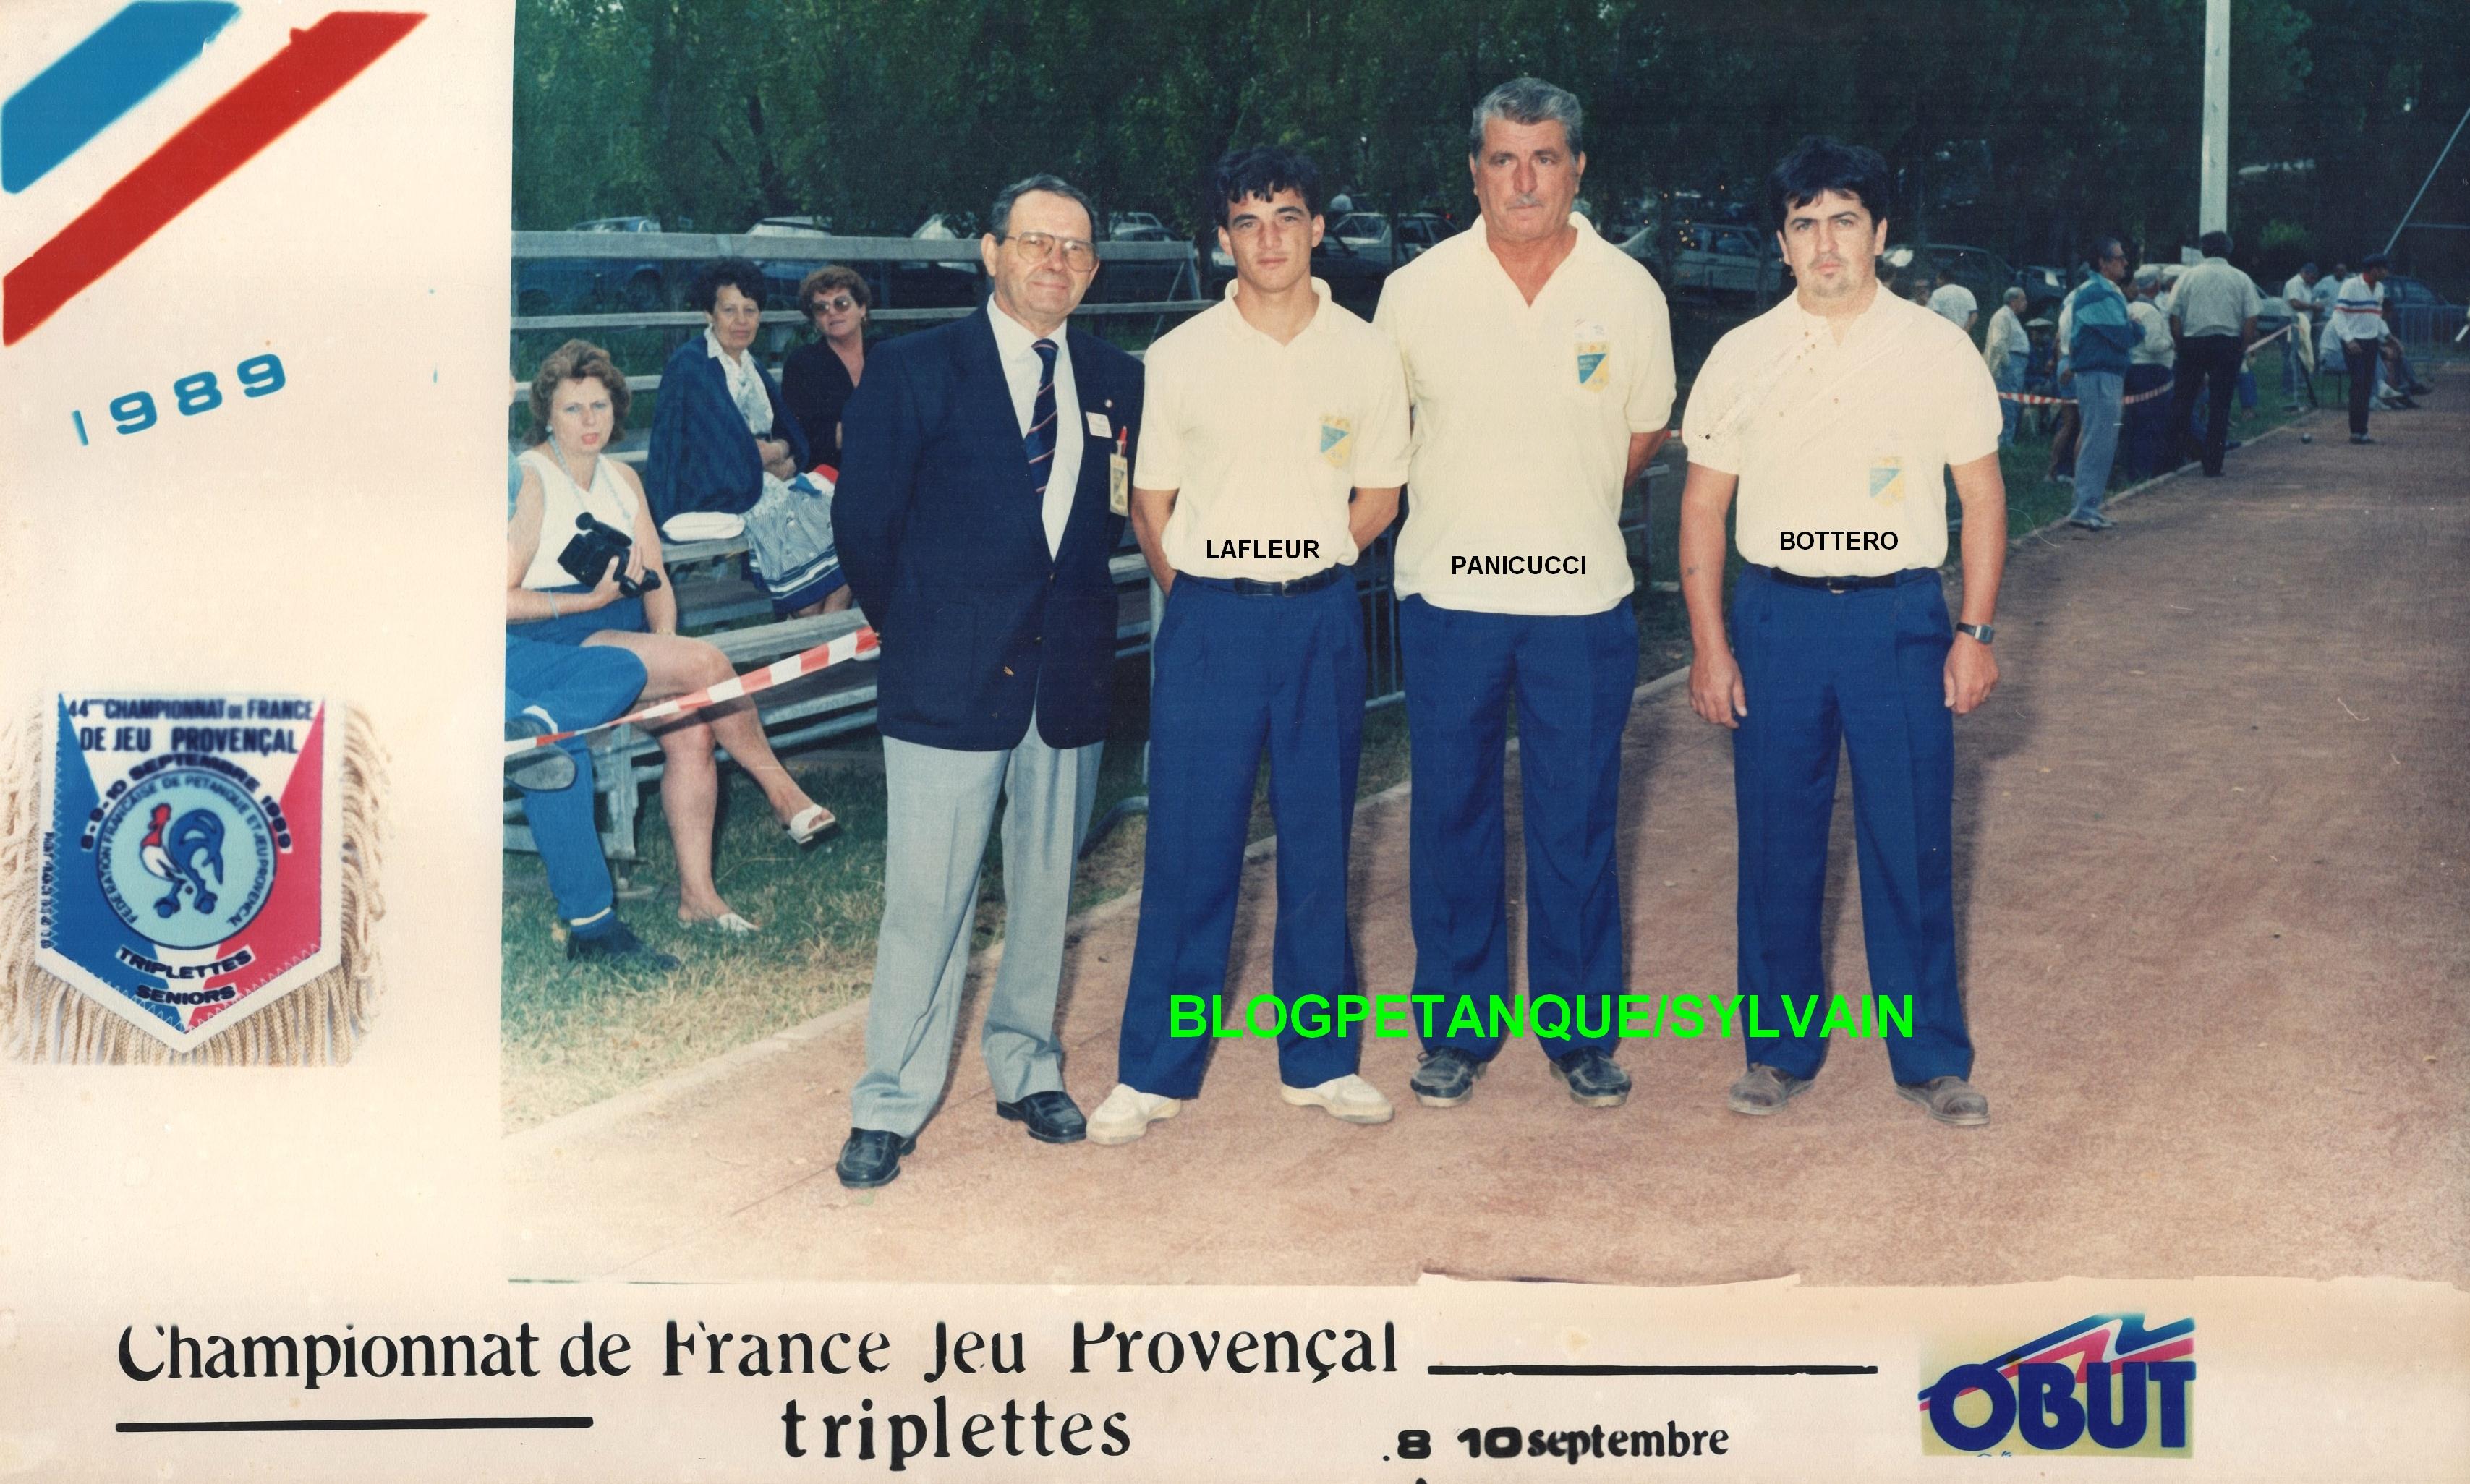 L'année 1989 au Jeu Provençal